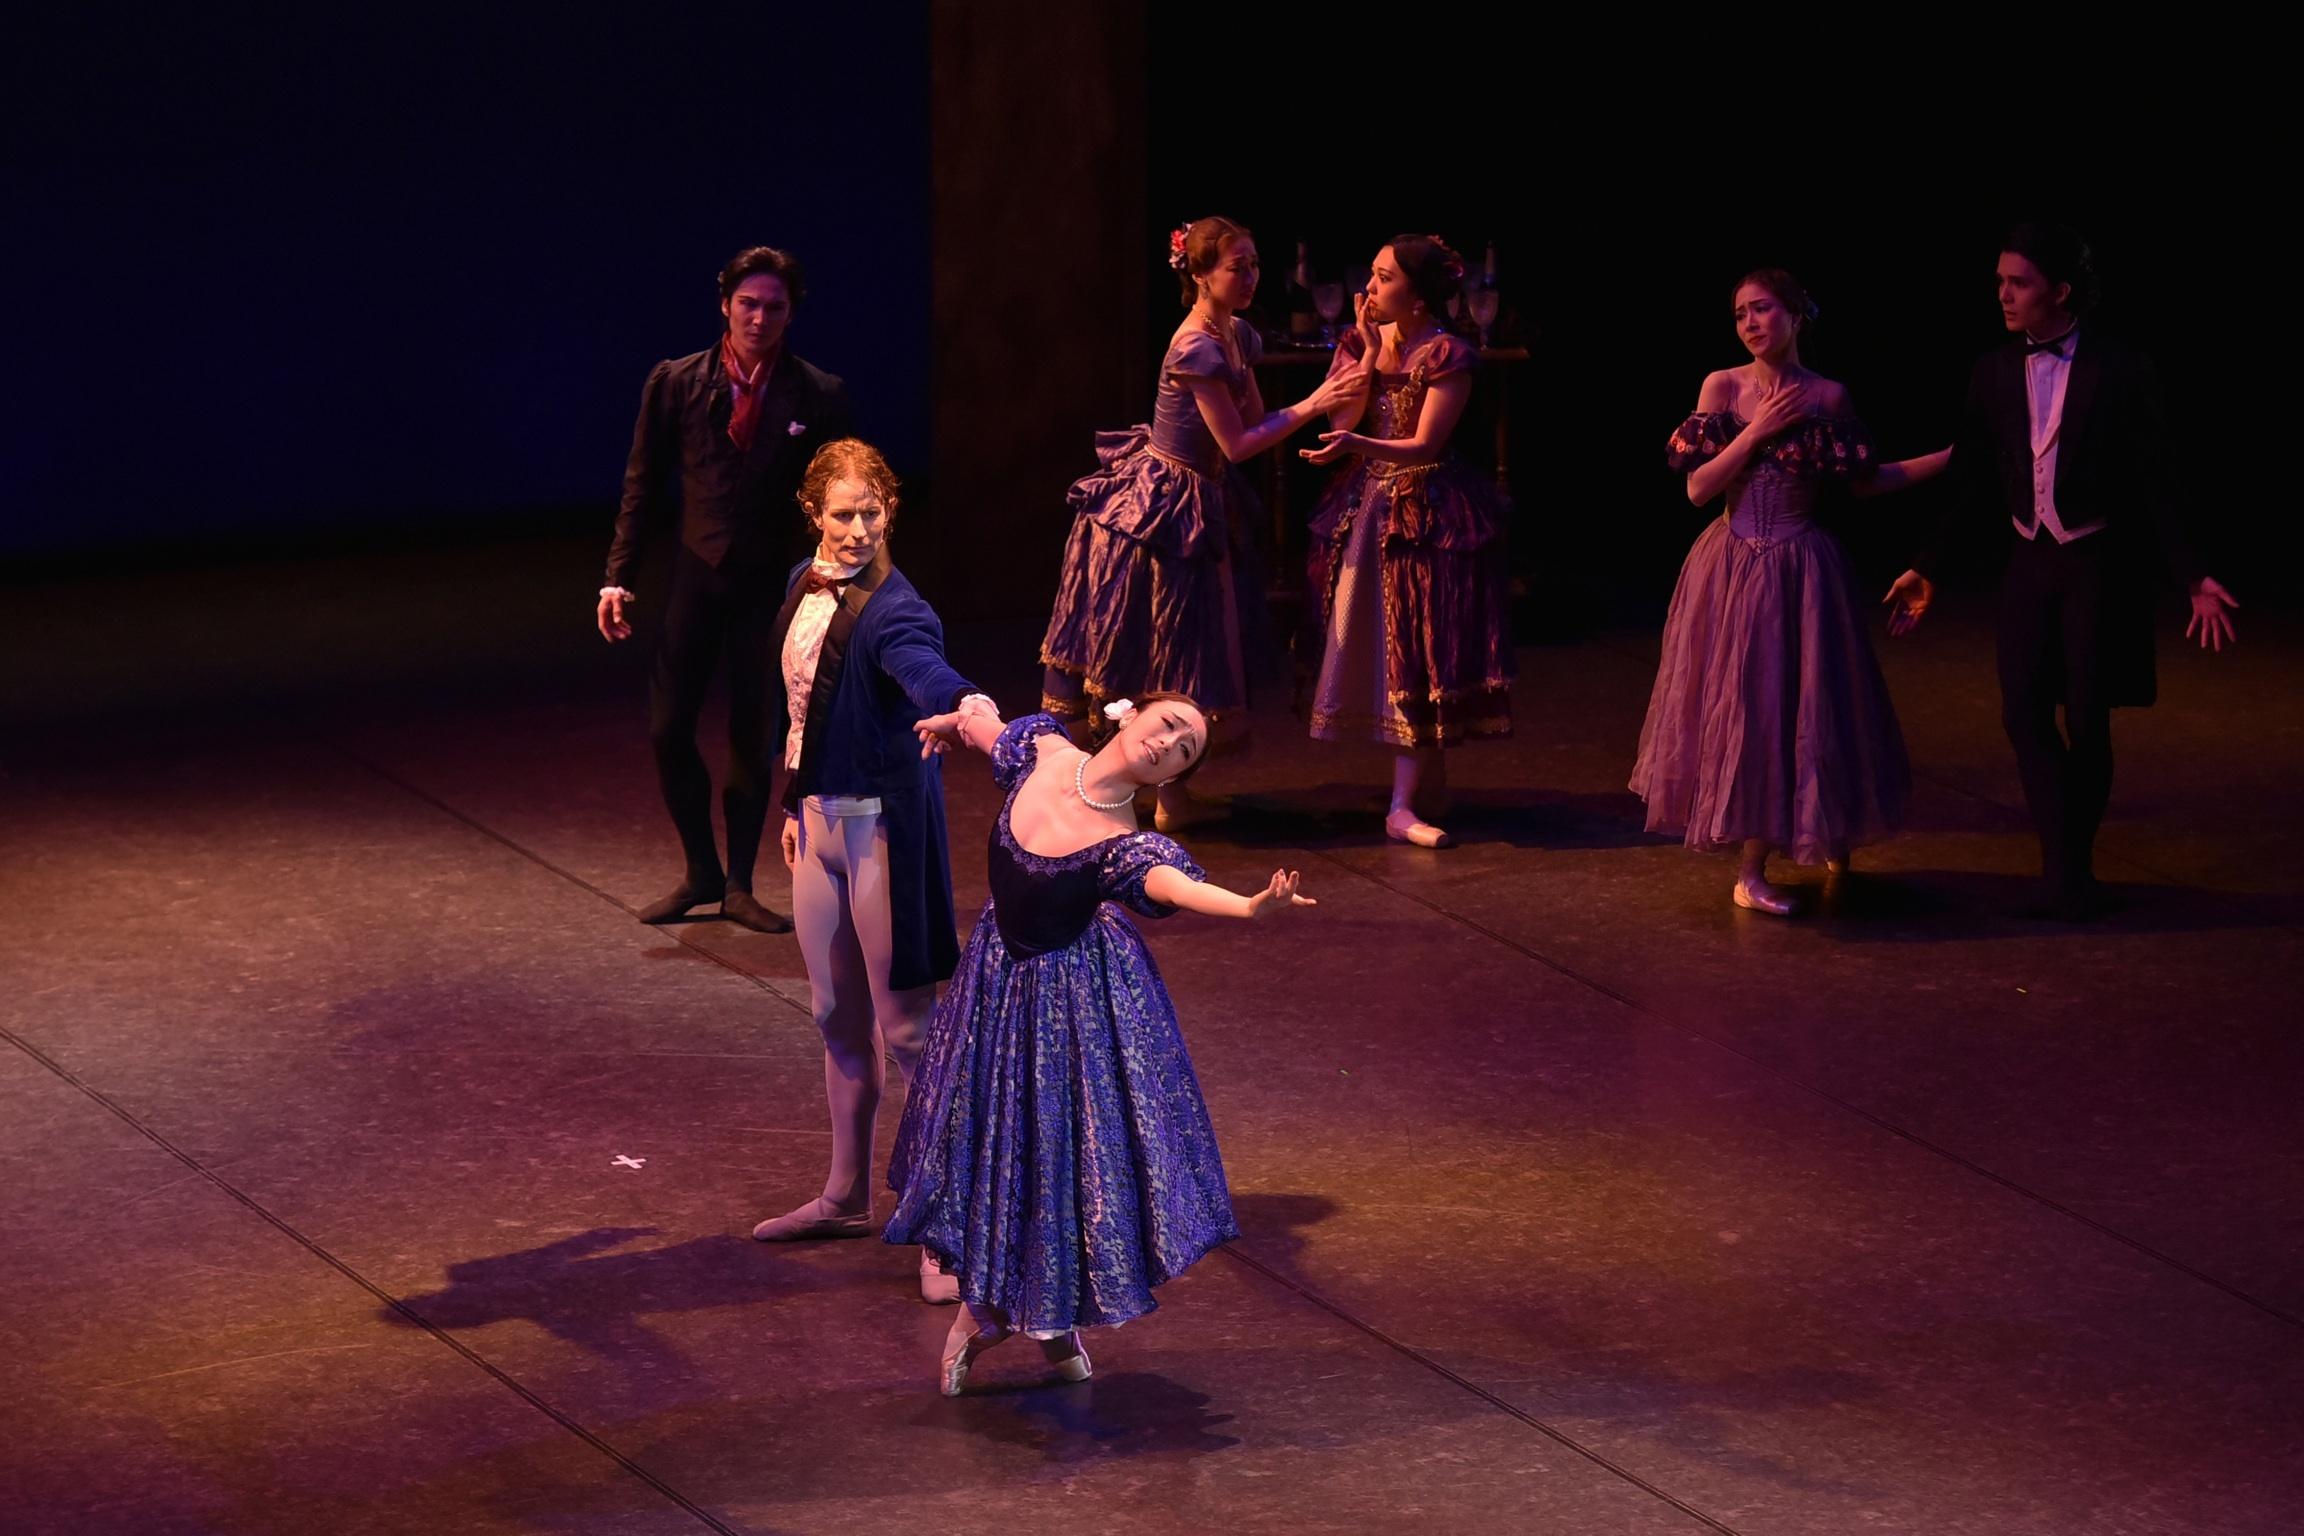 Ballet Company West Japan 第1回公演より『椿姫』 撮影:文元克香(テス大阪)